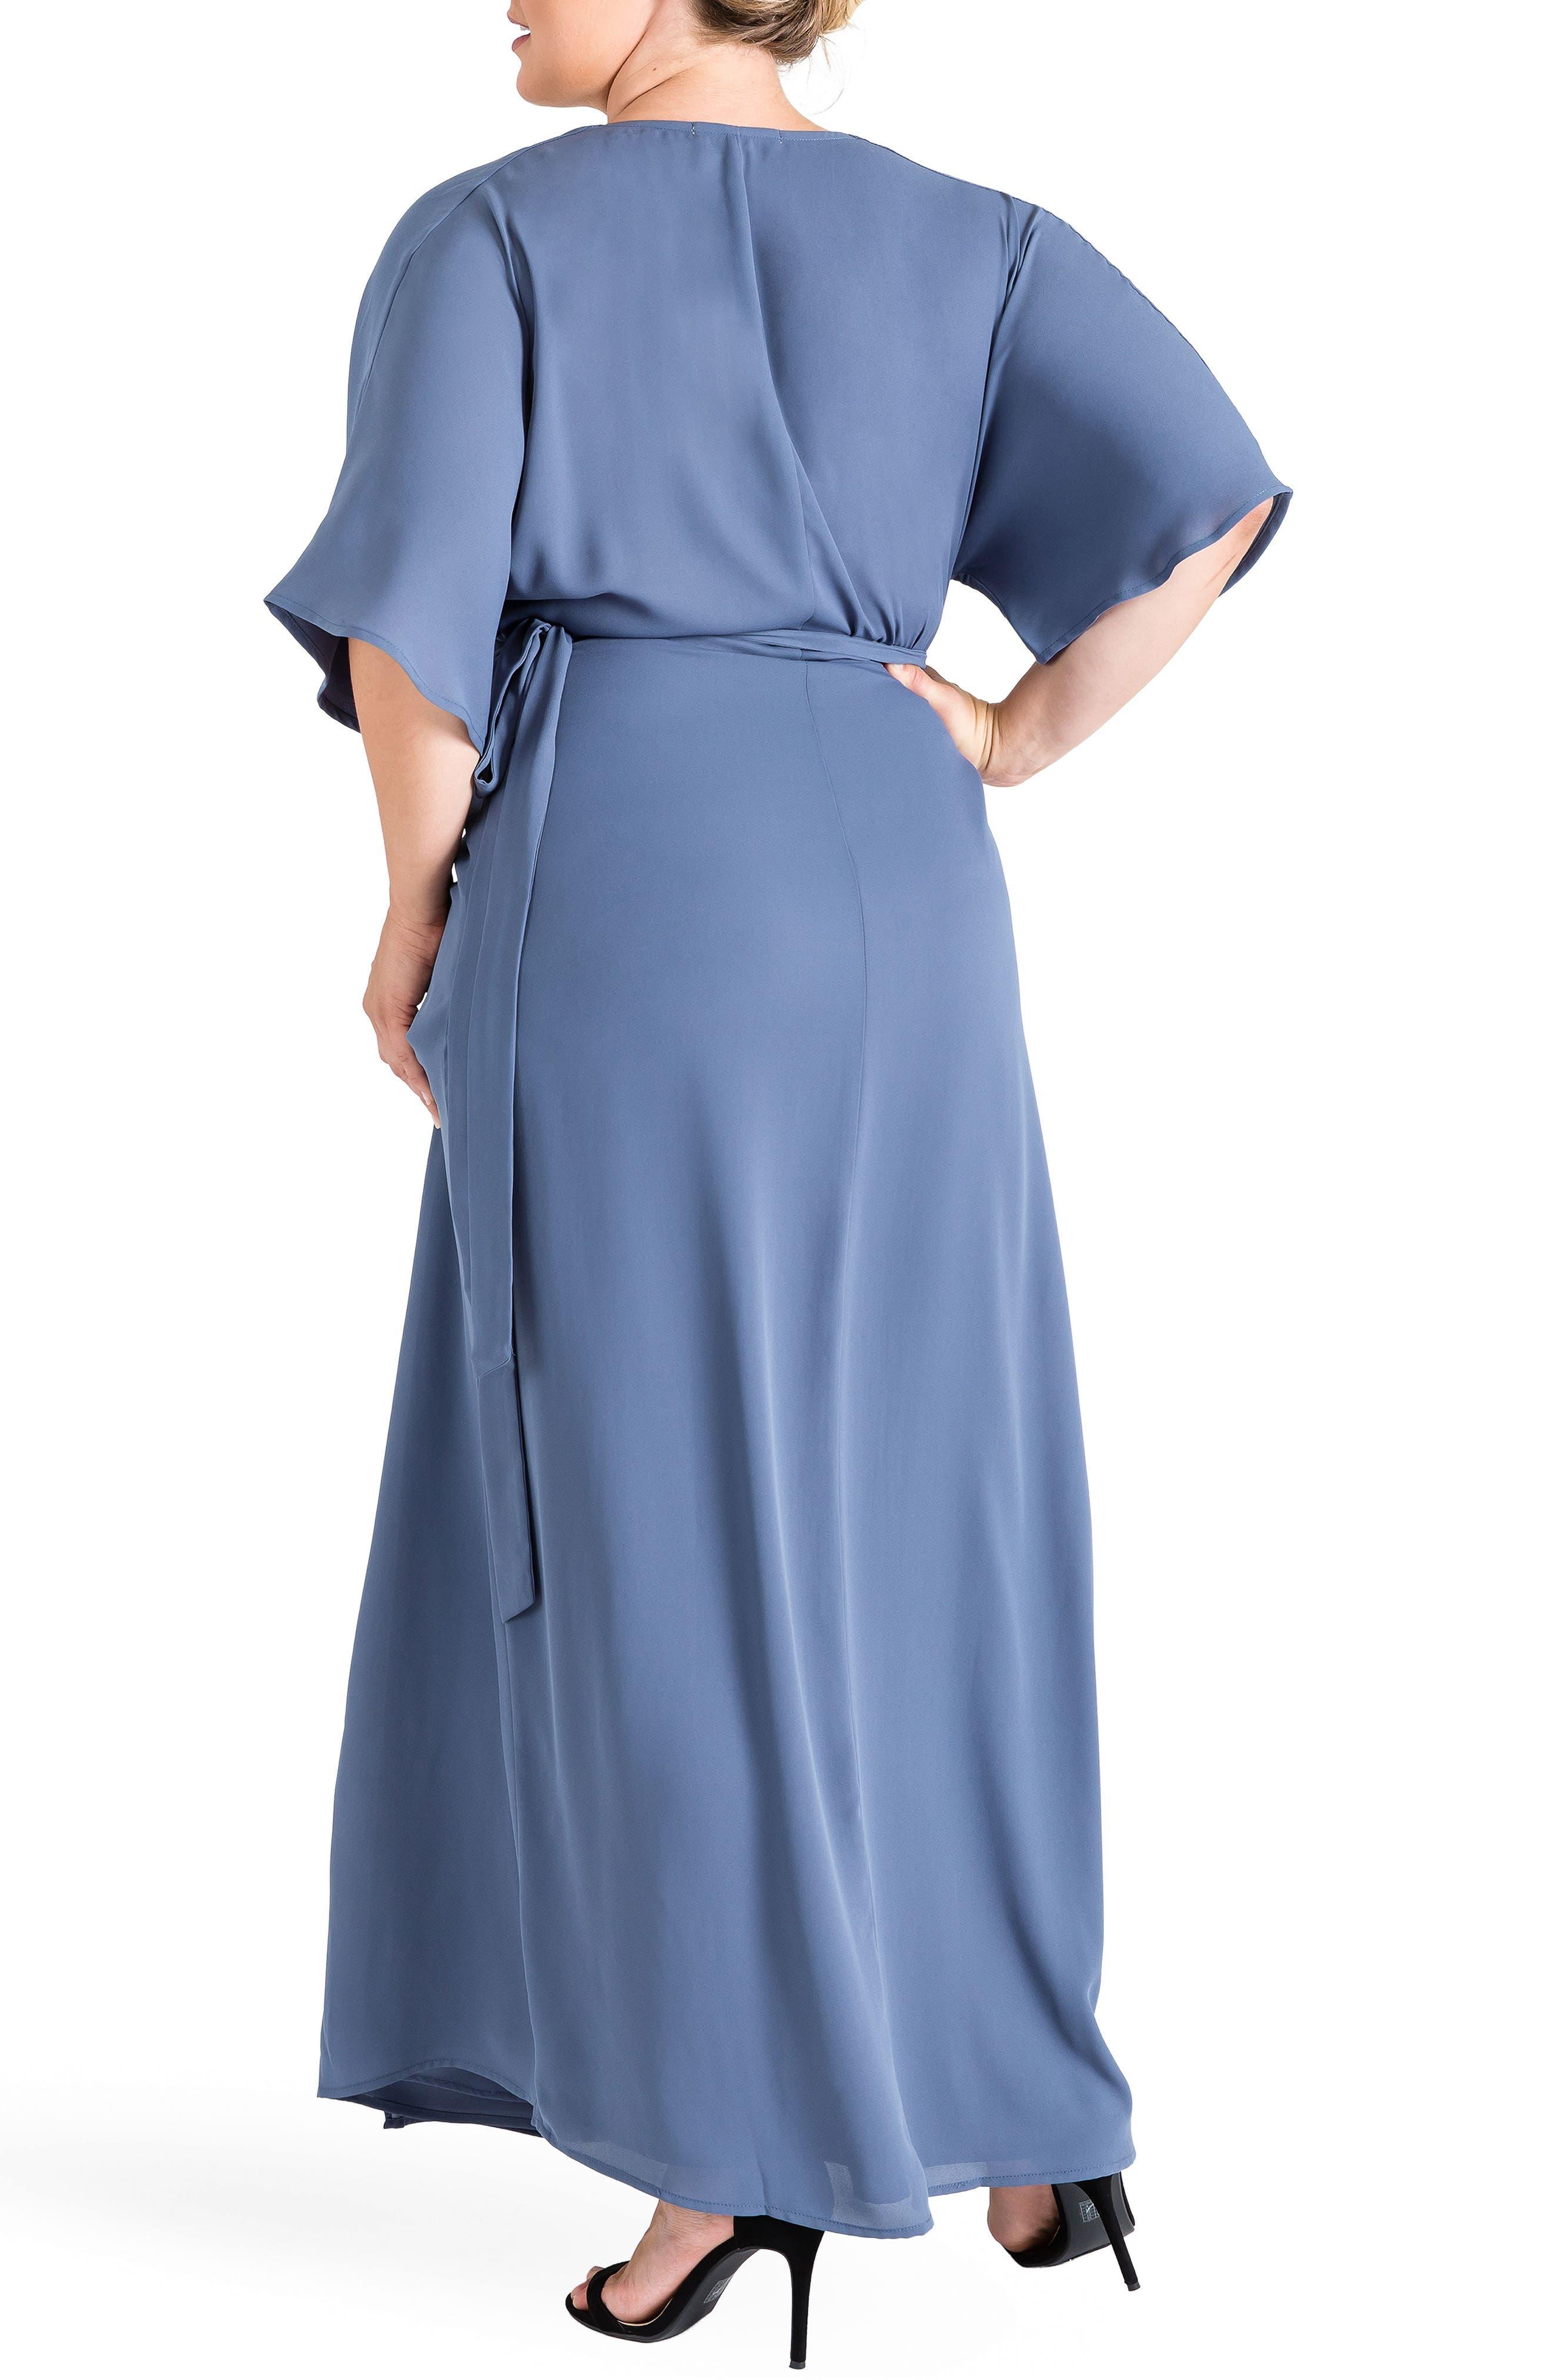 Olivia Print Wrap Maxi Dress,                             Alternate thumbnail 2, color,                             Slate